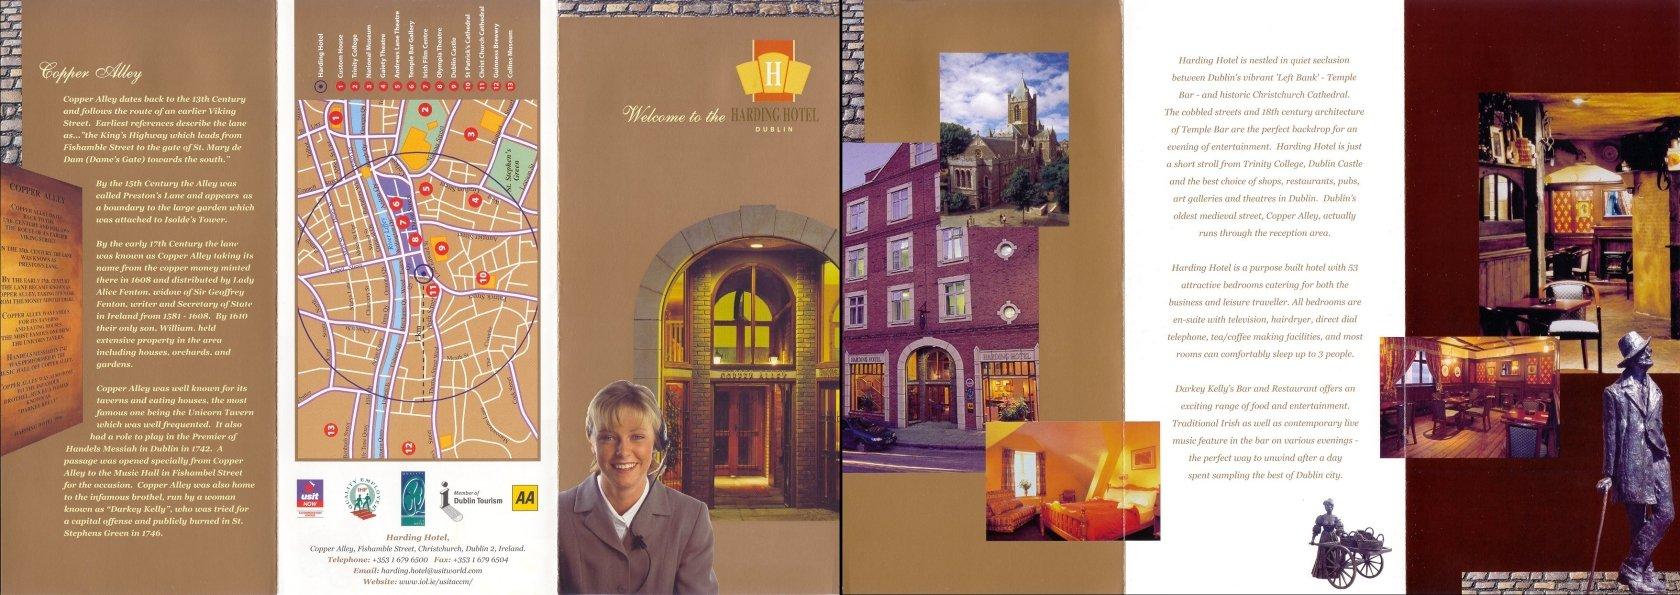 Harding Hotel Brochure Click